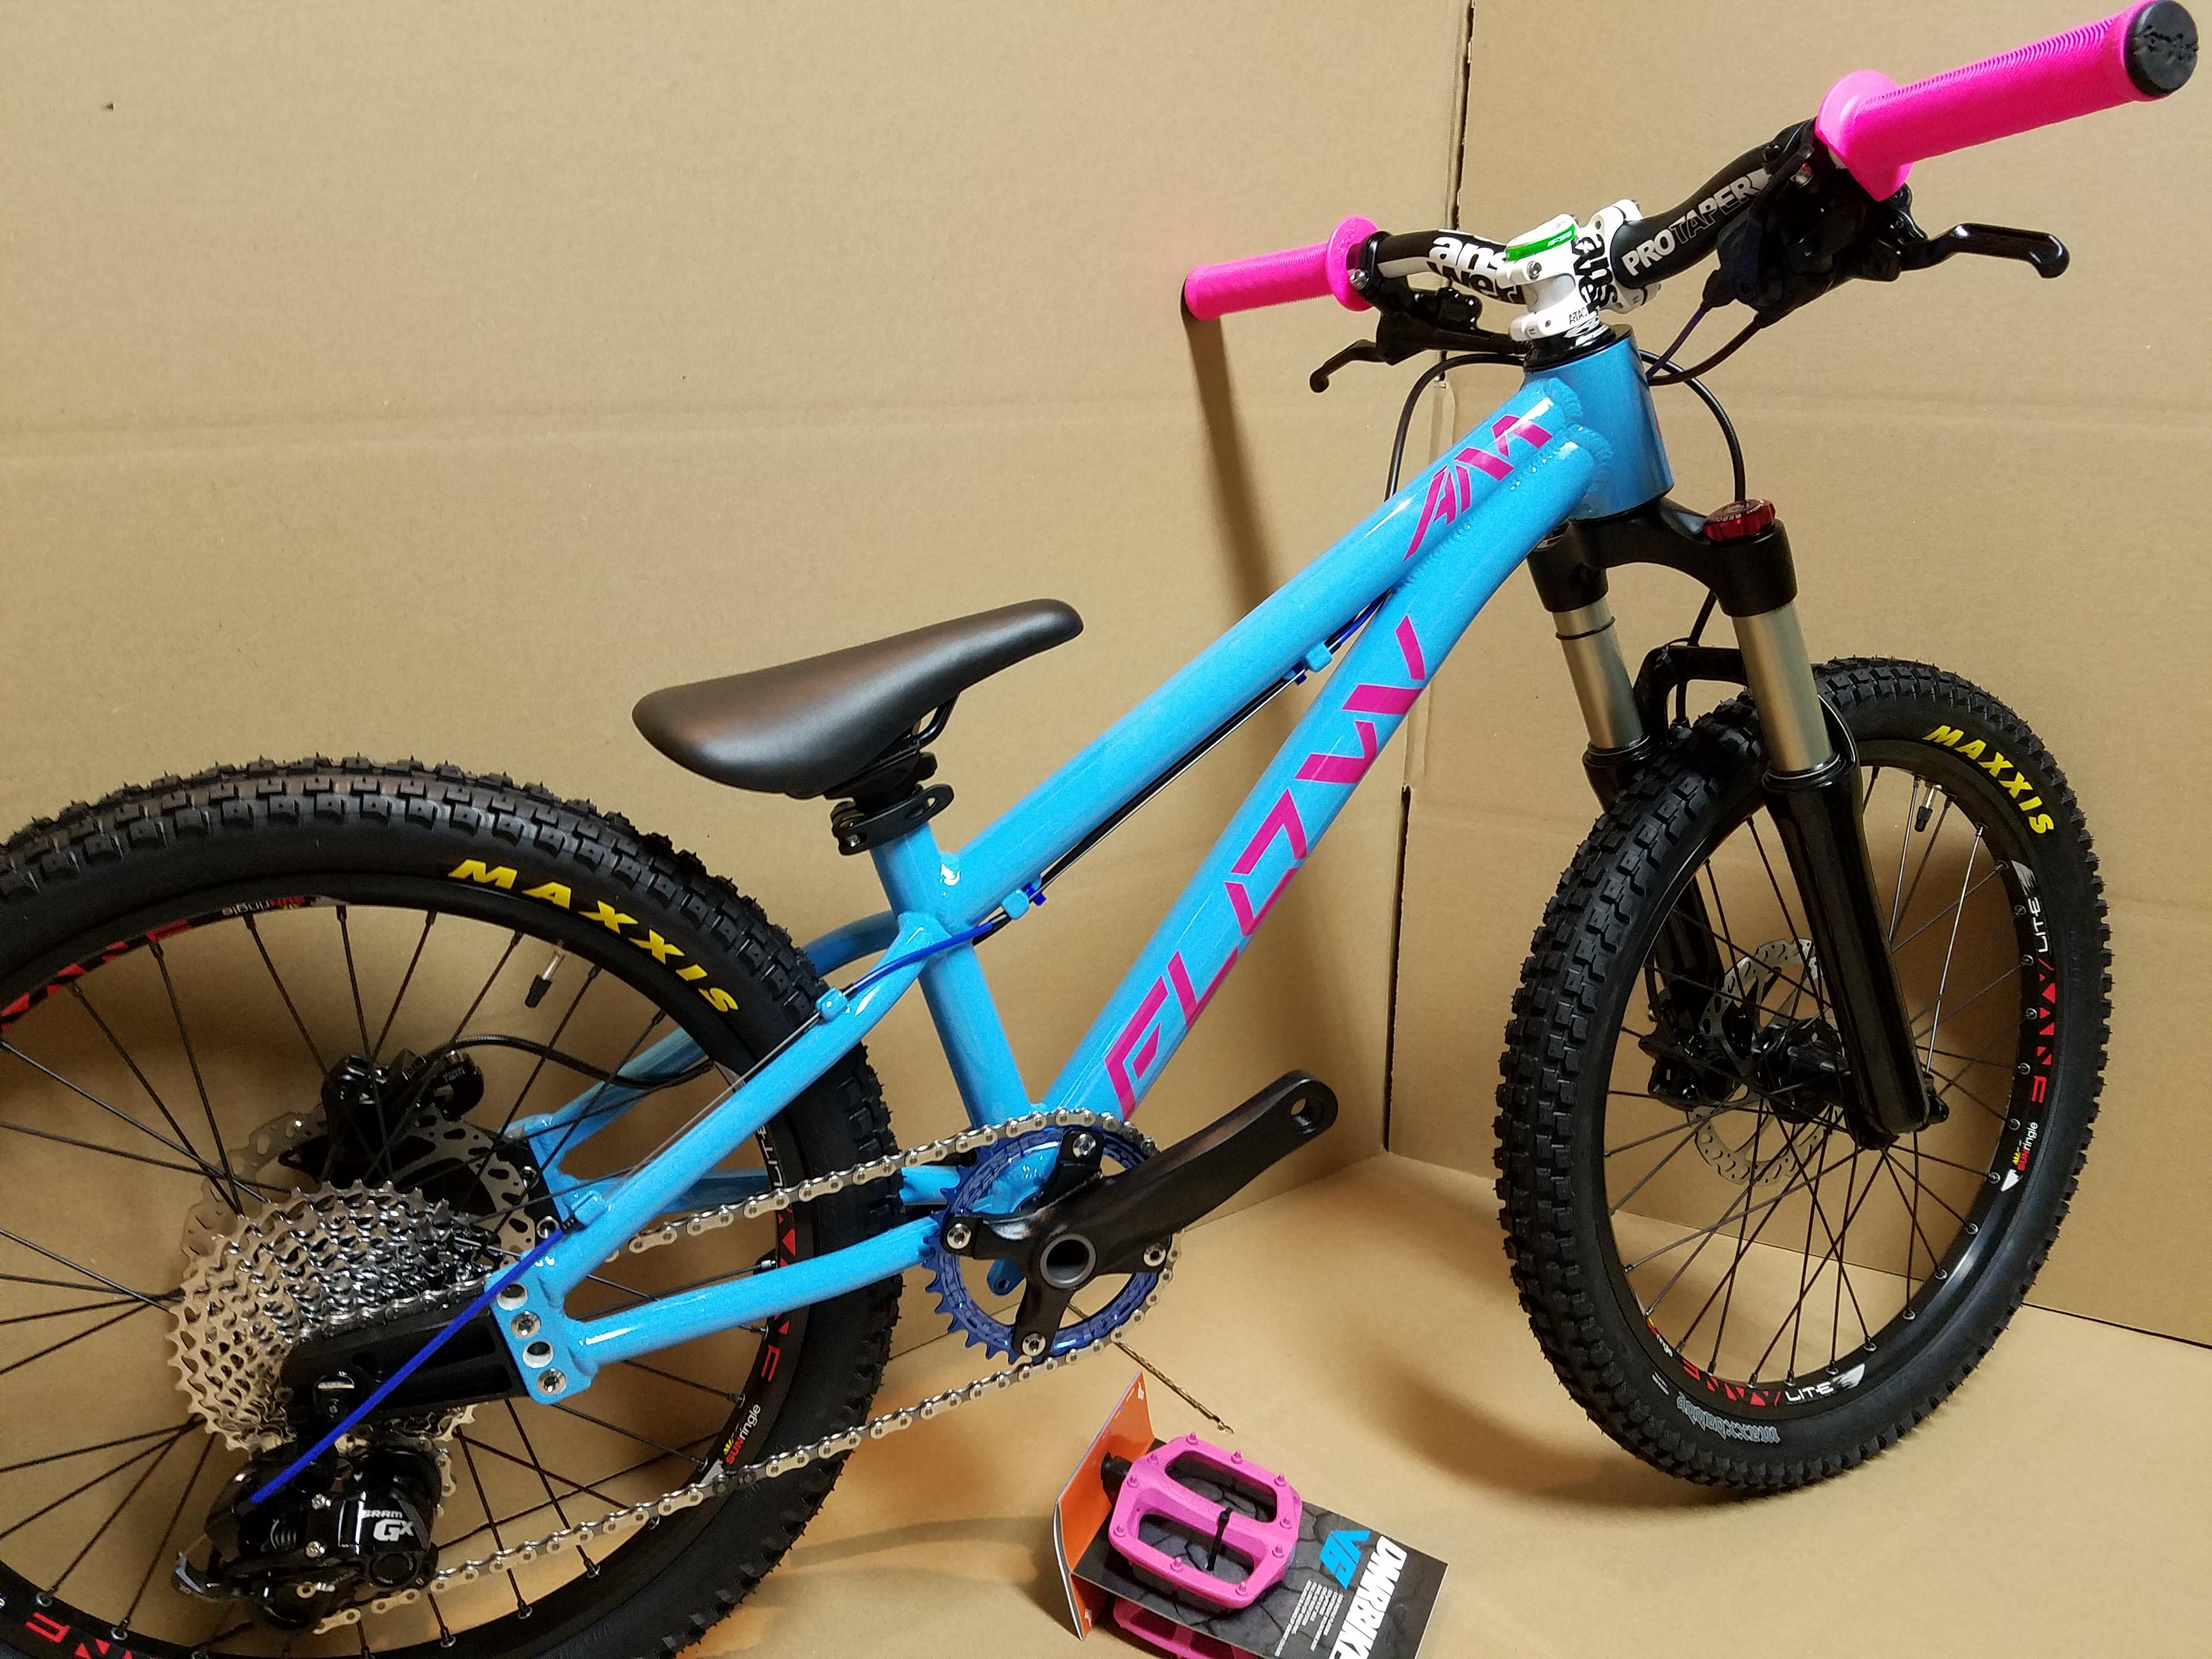 flow kids mountain bike 20 inch blue pink